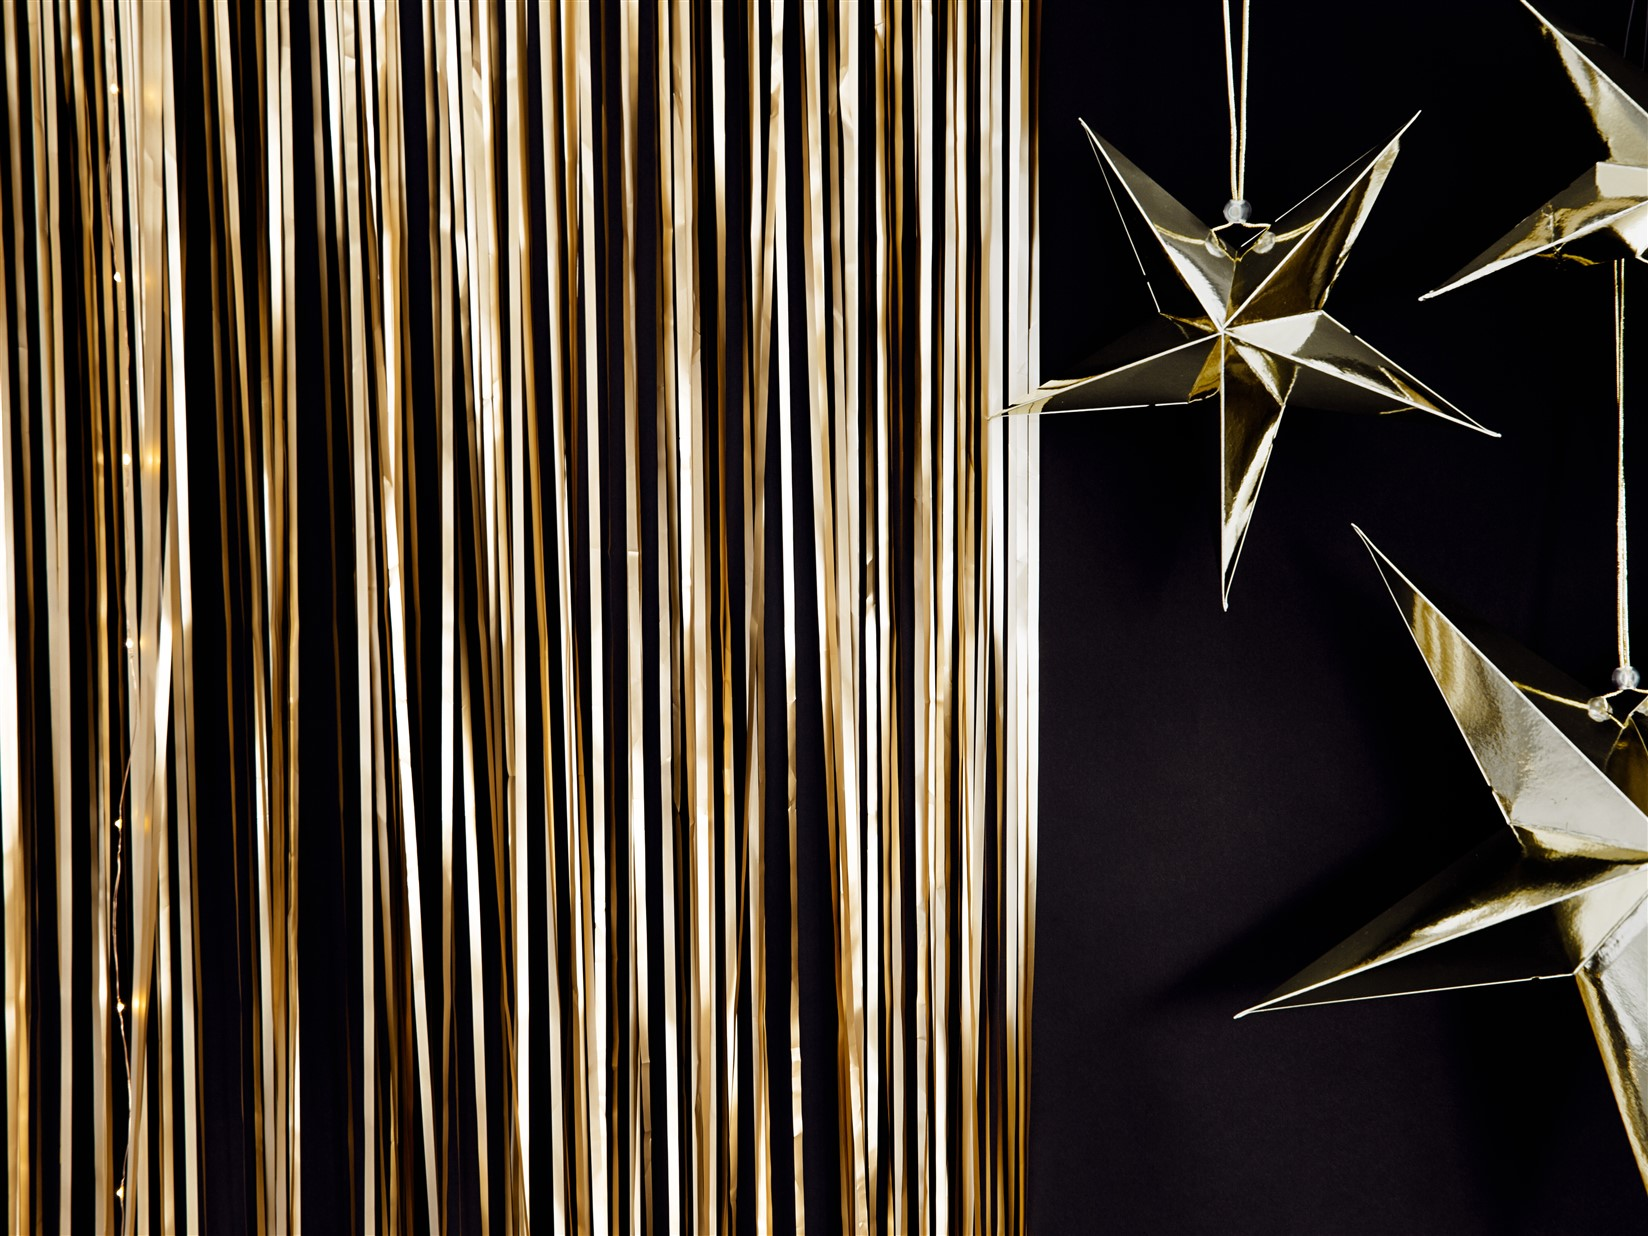 Διακοσμητική Κουρτίνα Χρυσή Ματ 90×250εκ